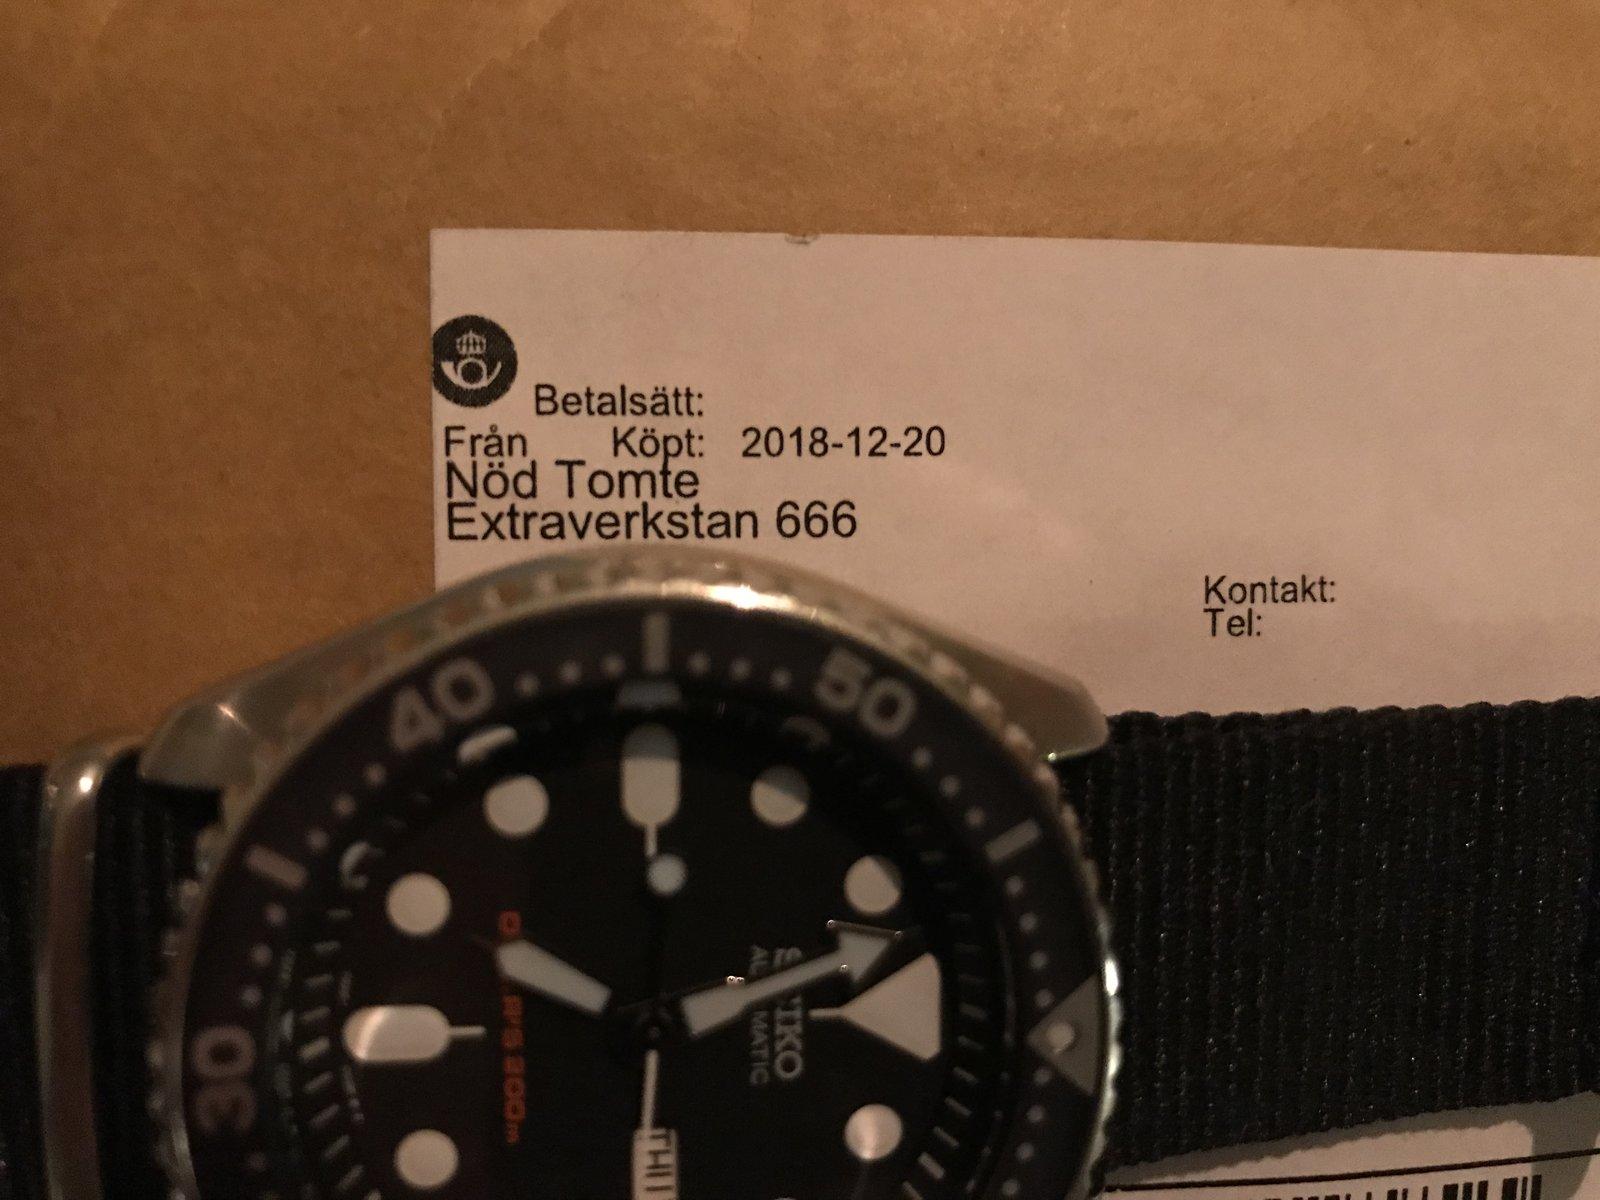 2664EA9B-E110-4E2F-90C4-9135EF823505.